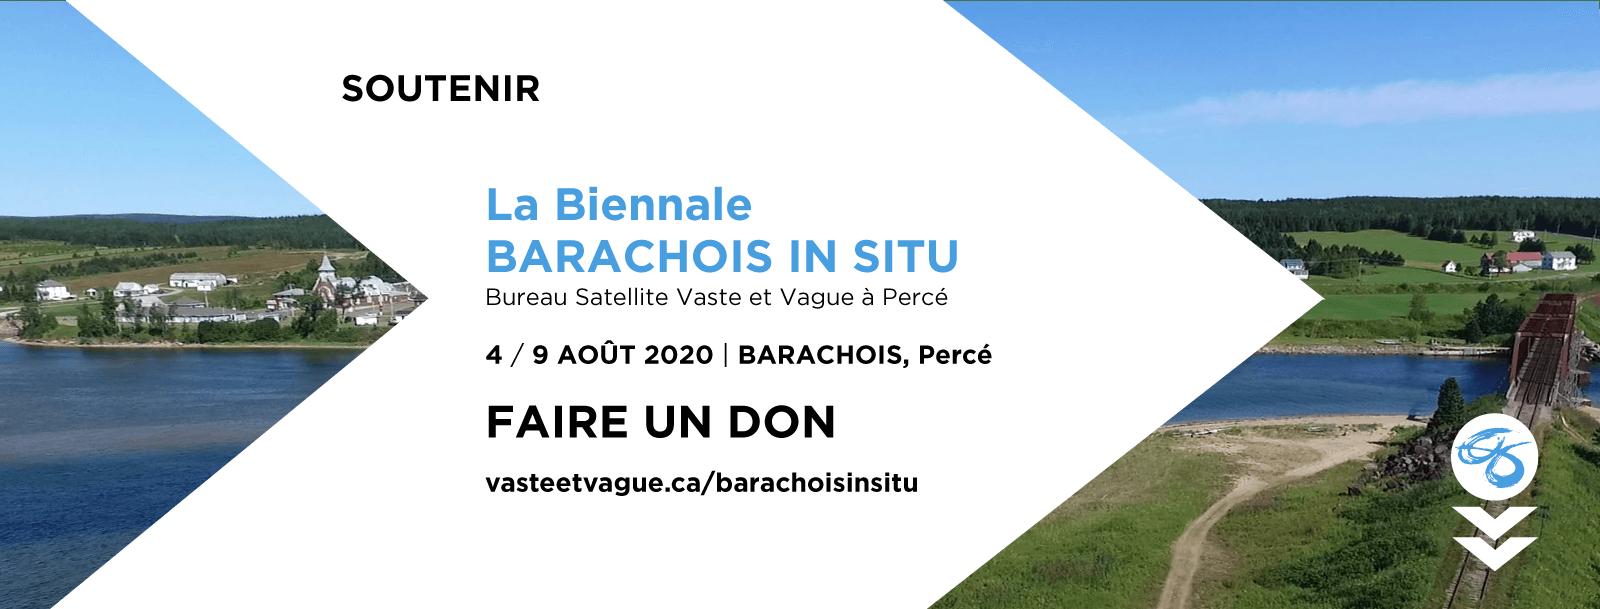 SOUTENIR La Biennale BARACHOIS IN SITU | FAIRE UN DON